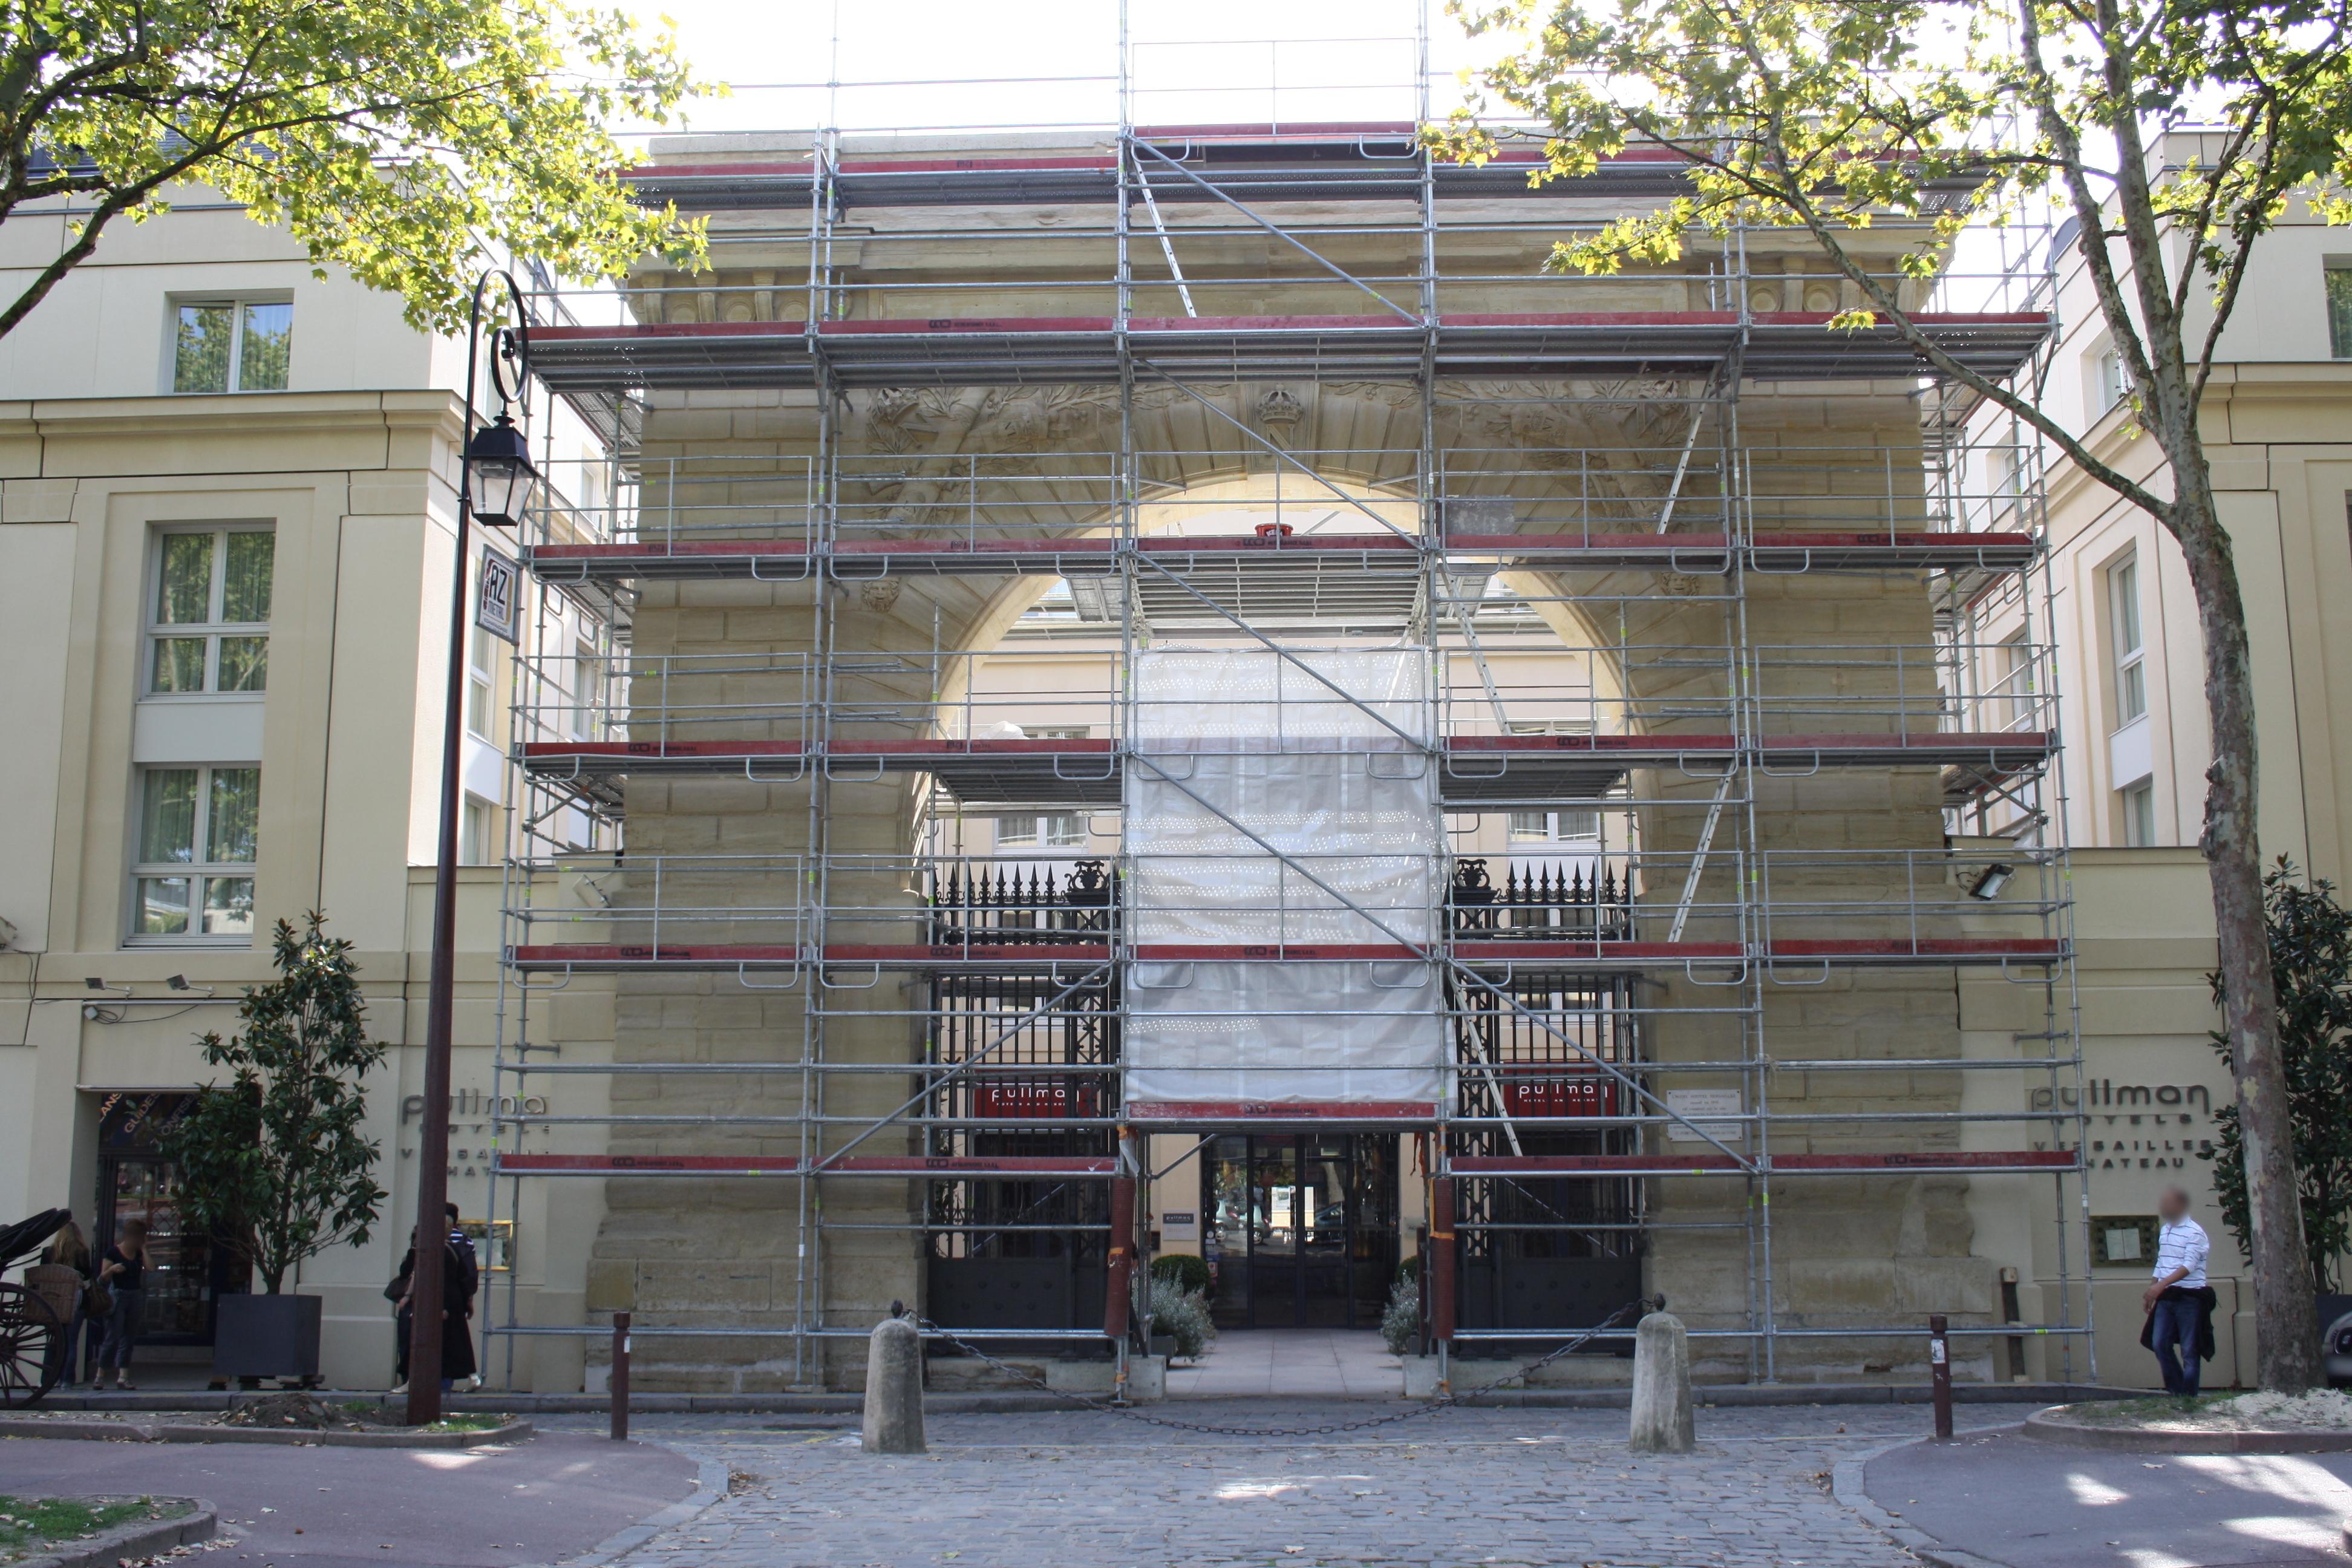 Portail du Bâtiments du Manège à Versailles en rénovation le 24 septembre 2011 - 2.jpg Français : Portail du bâtiments du Manège à Versailles